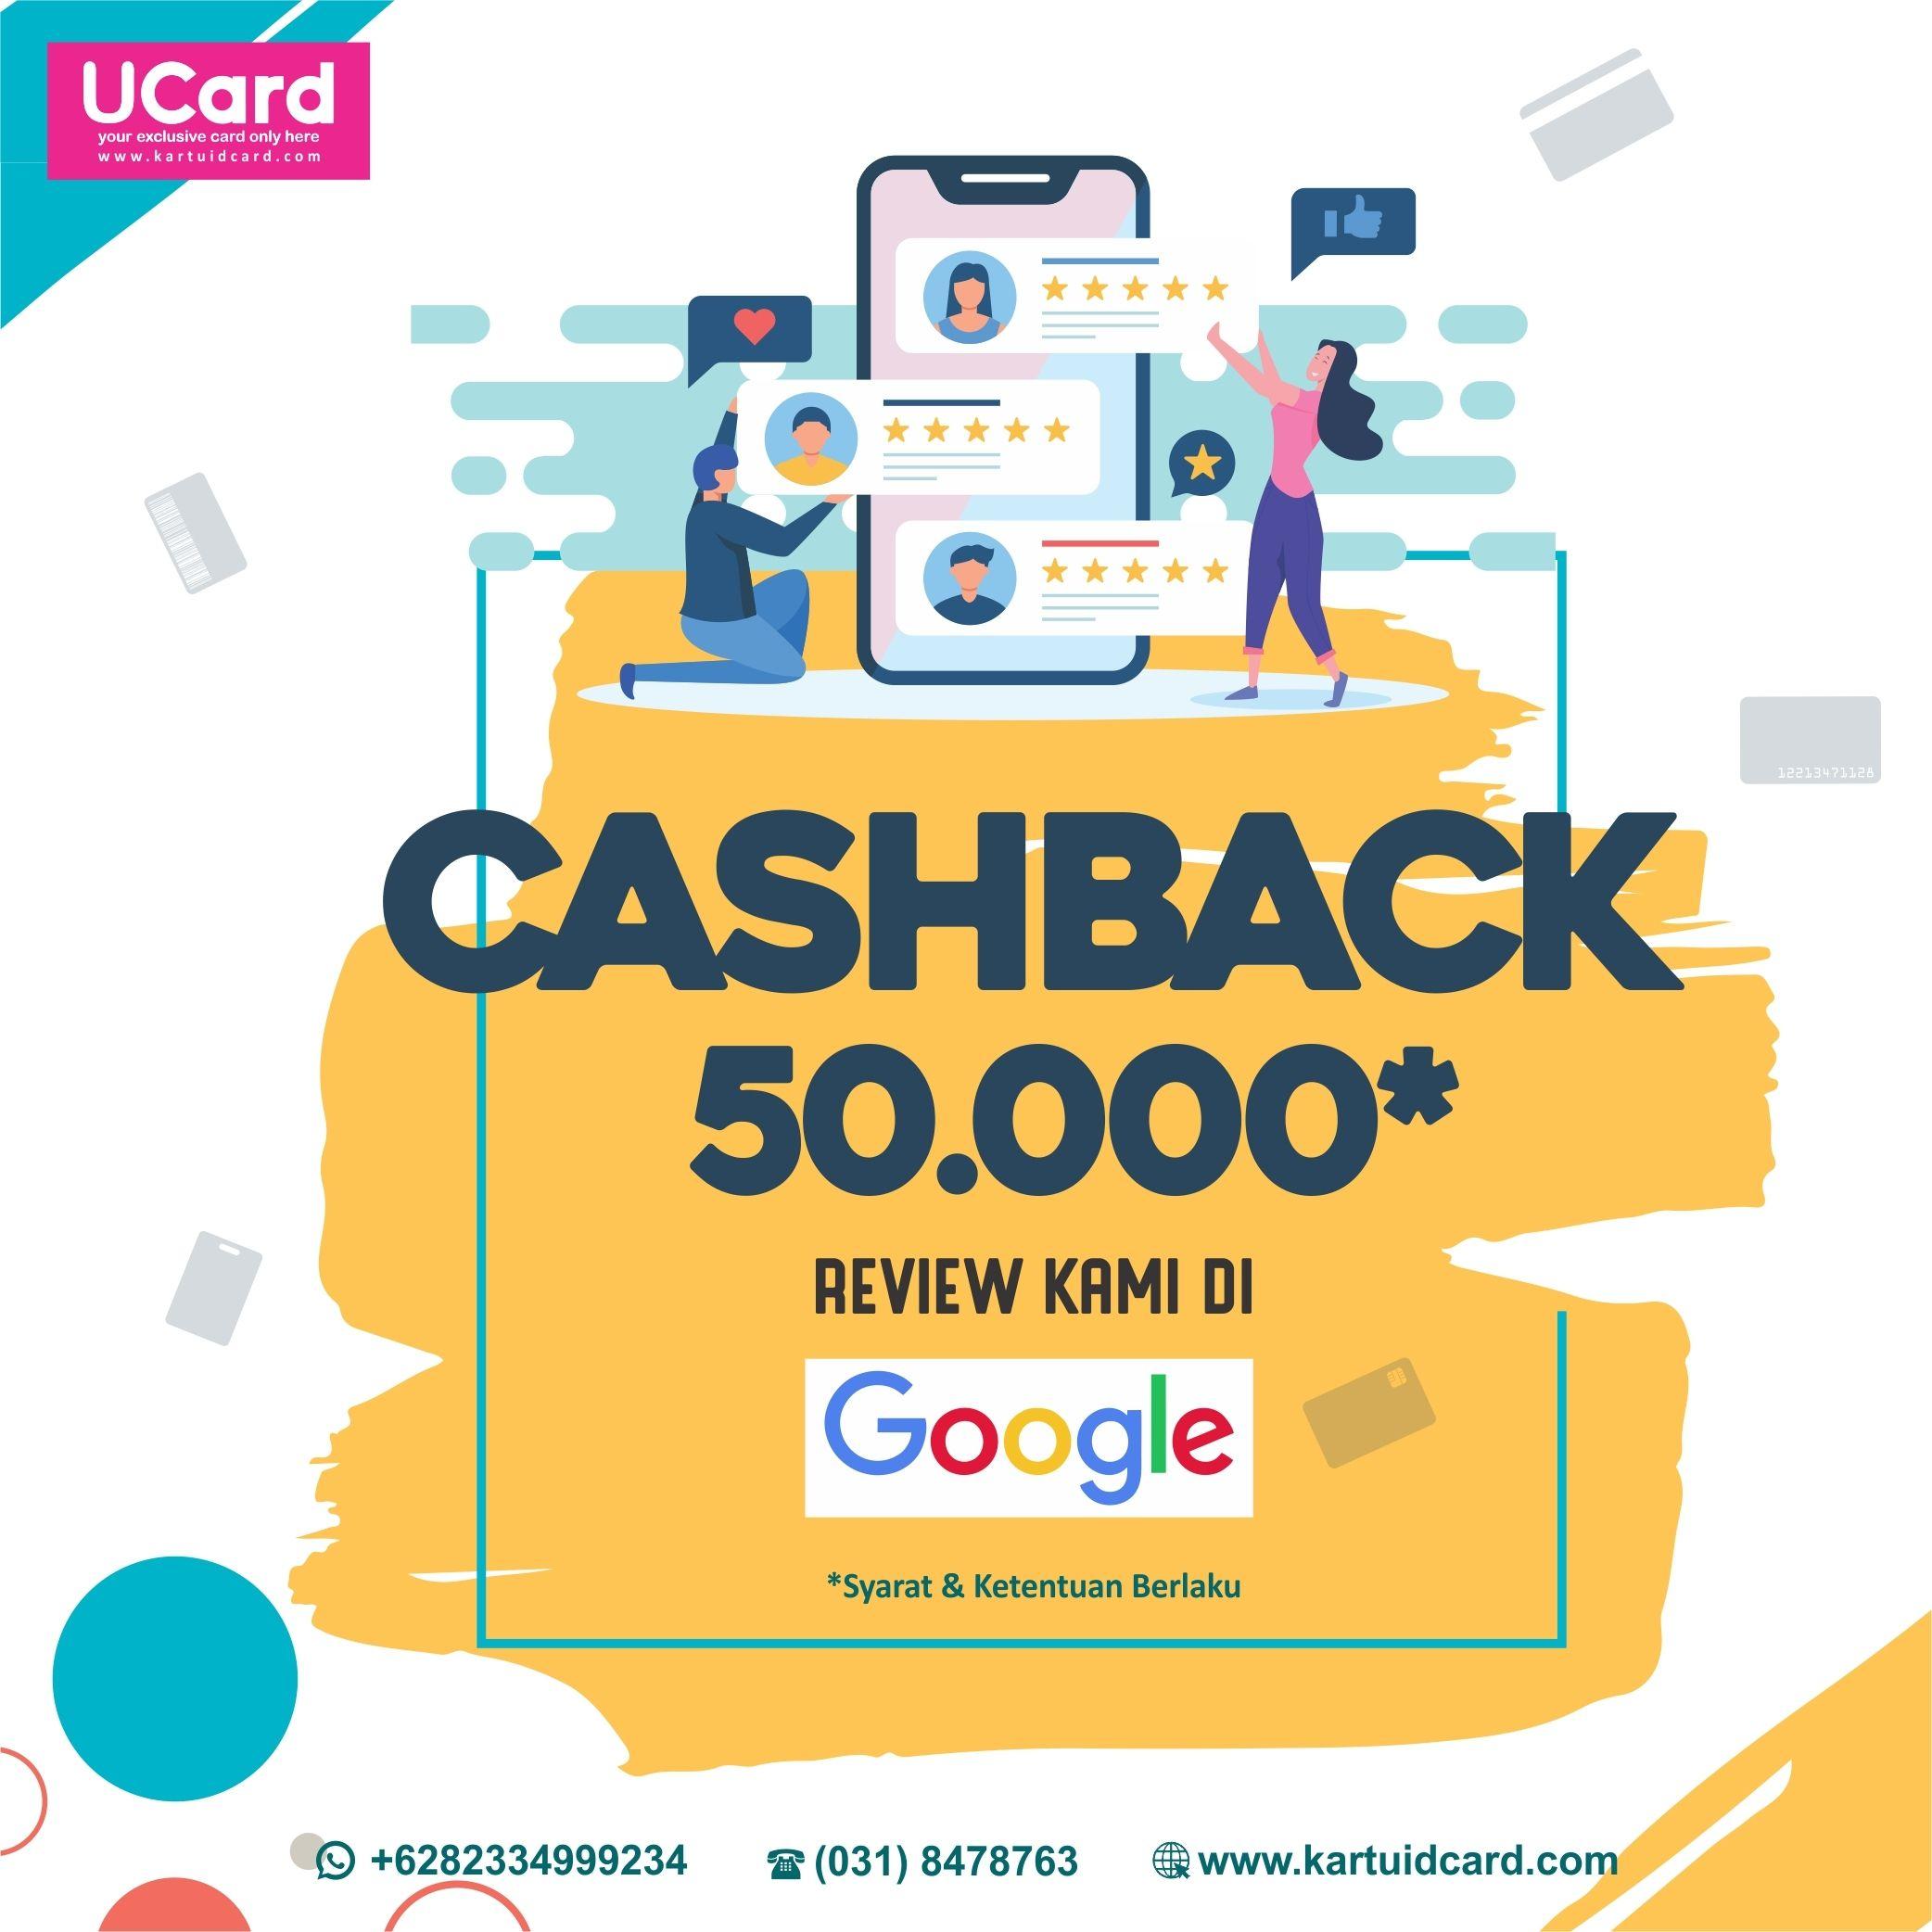 Cash Back IDR 50.000